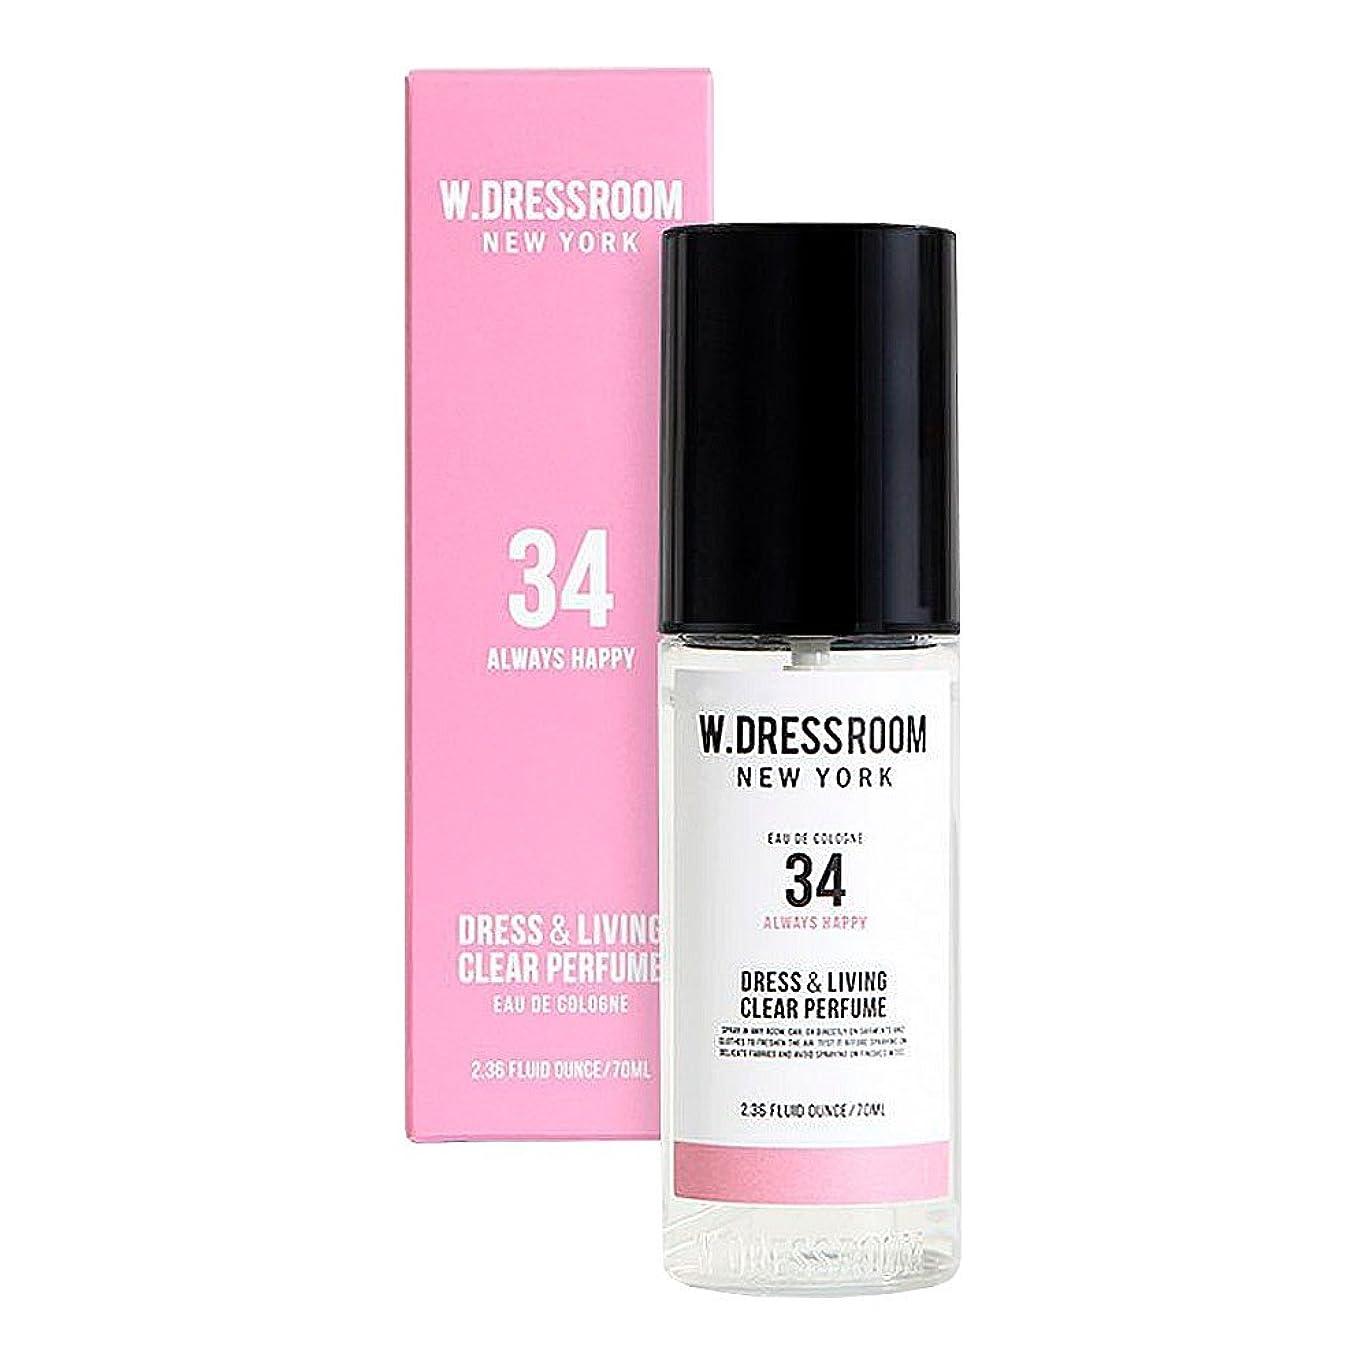 負荷多くの危険がある状況負荷W.DRESSROOM Dress & Living Clear Perfume fragrance 70ml (#No.34 Always Happy)/ダブルドレスルーム ドレス&リビング クリア パフューム 70ml (#No.34 Always Happy)